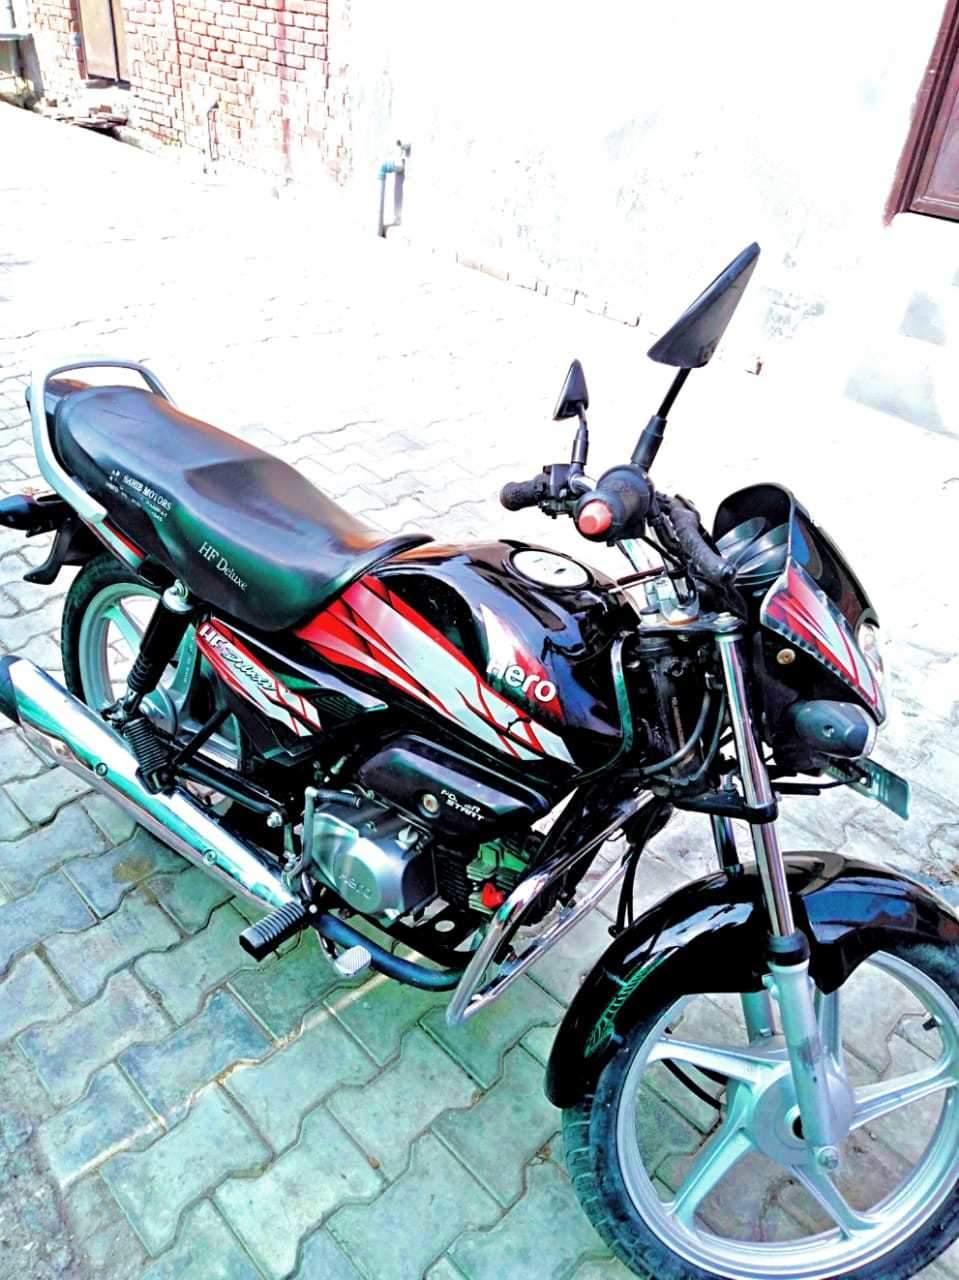 Hero Hf Deluxe Rear View